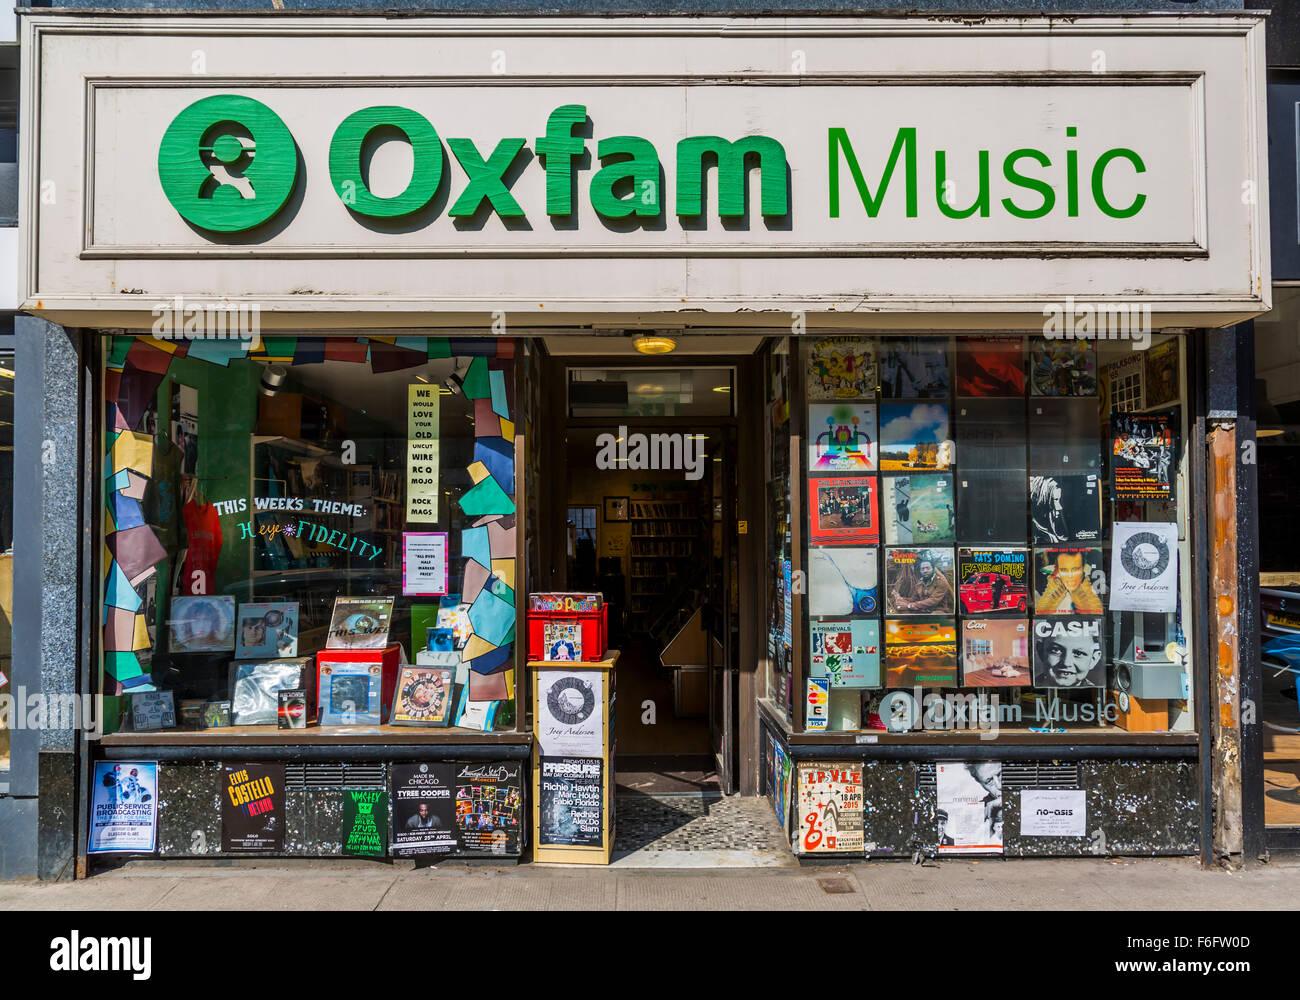 Oxfam Music Charity Thrift Shop, Byres Road, Glasgow, Écosse, Royaume-Uni Banque D'Images